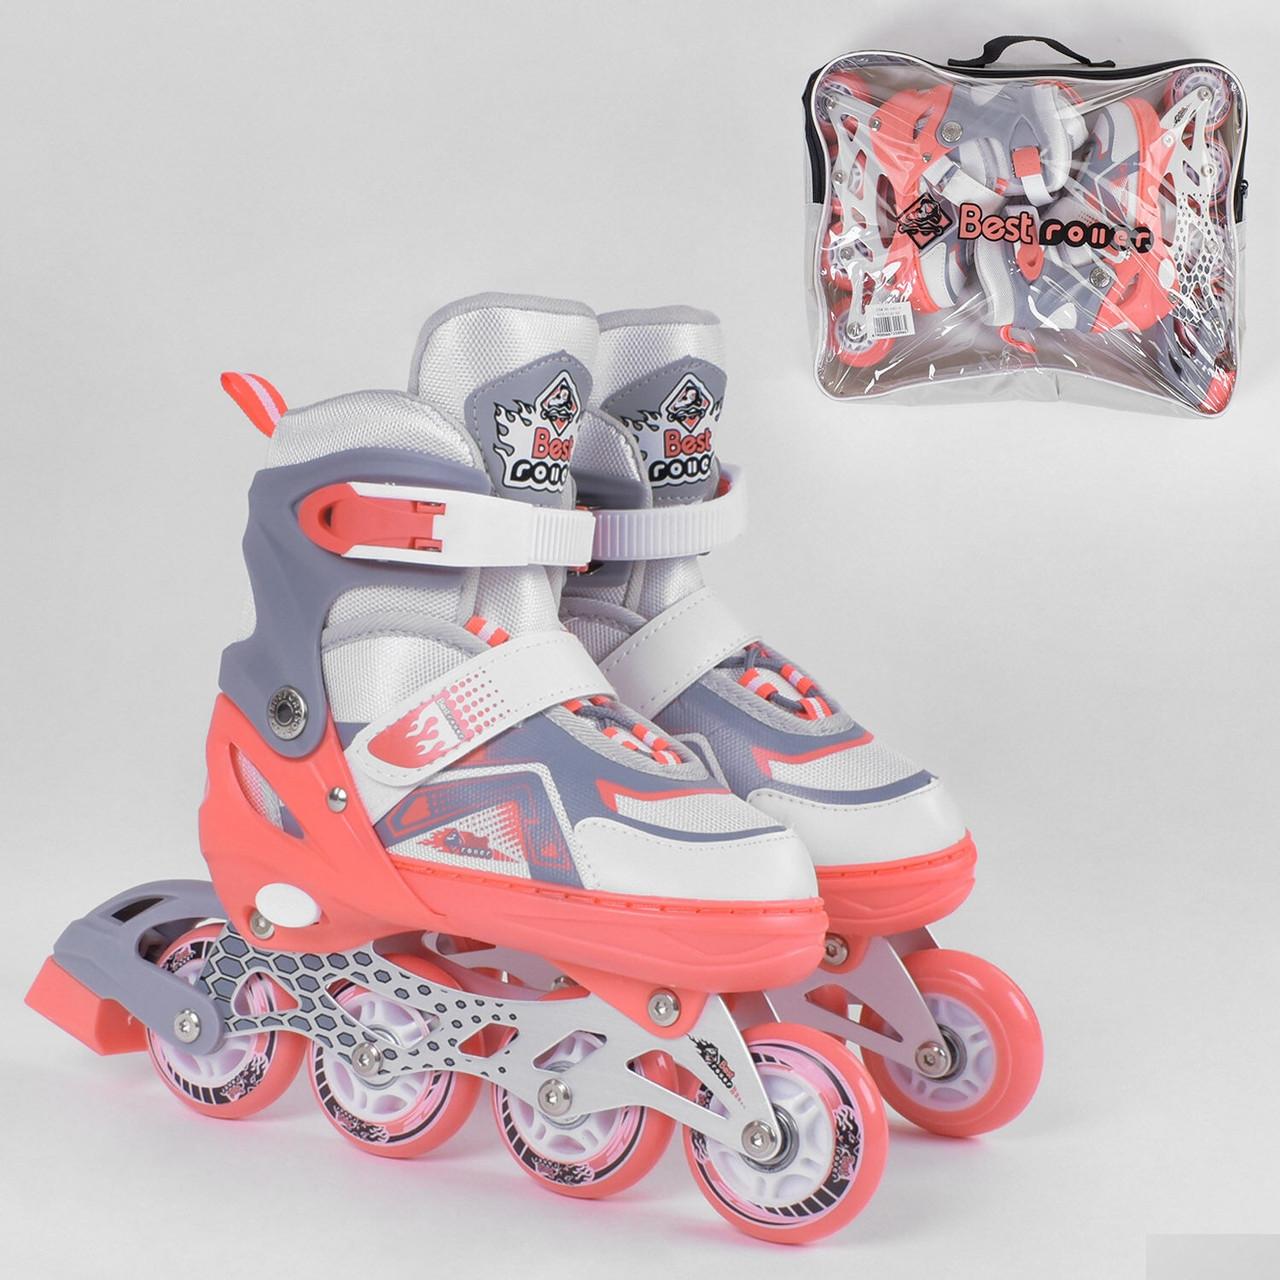 Ролики детские Best Roller 5401, размер 30-33, колёса PU, в сумке